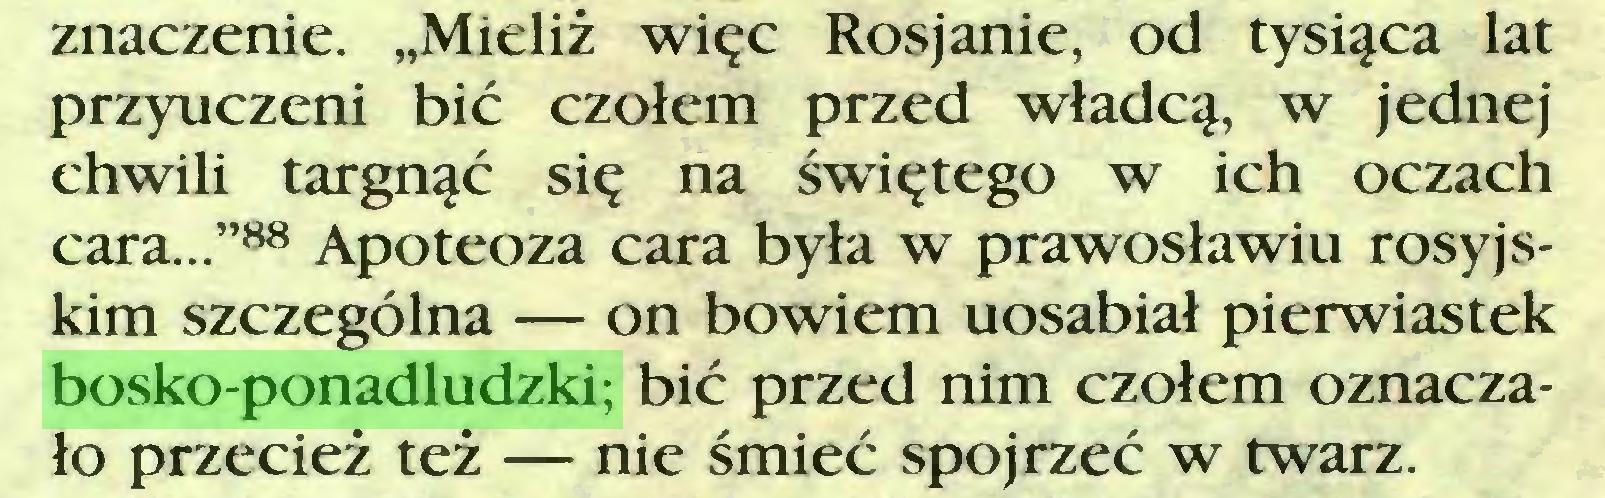 """(...) znaczenie. """"Mieliż więc Rosjanie, od tysiąca lat przyuczeni bić czołem przed władcą, w jednej chwili targnąć się na świętego w ich oczach cara...""""88 Apoteoza cara była w prawosławiu rosyjskim szczególna — on bowiem uosabiał pierwiastek bosko-ponadludzki; bić przed nim czołem oznaczało przecież też — nie śmieć spojrzeć w twarz..."""